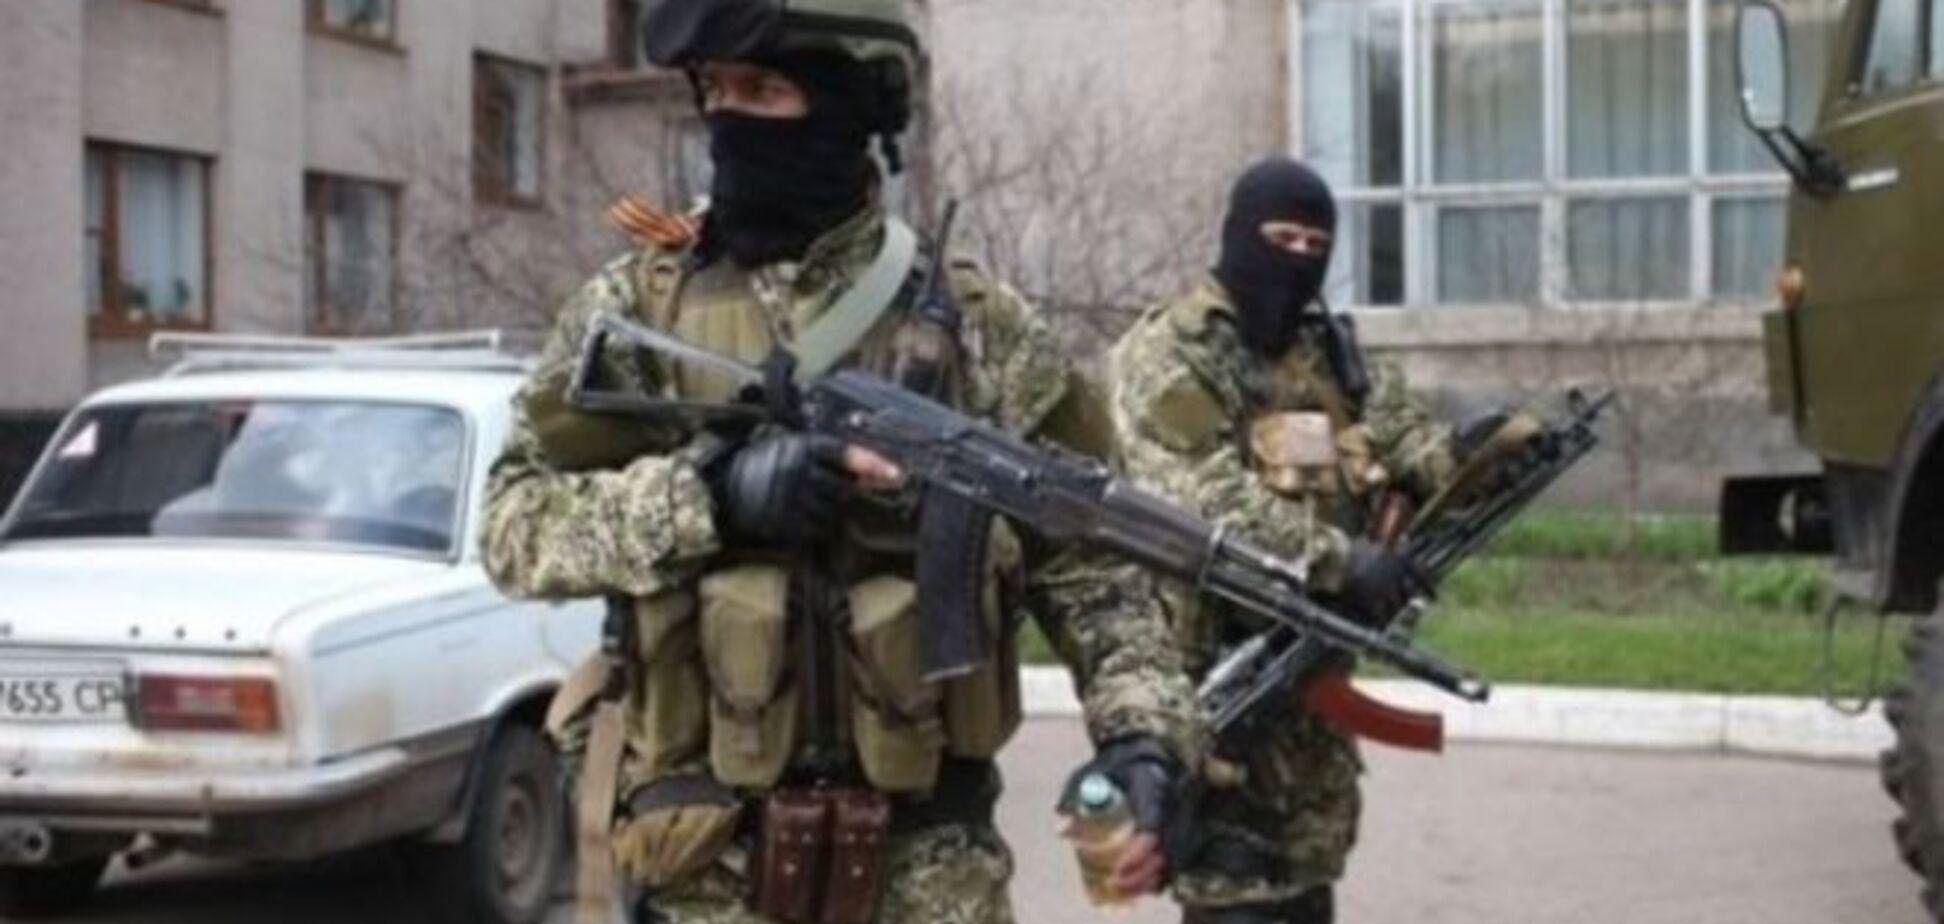 ГПУ закончила сбор материалов для Гааги по преступлениям Путина